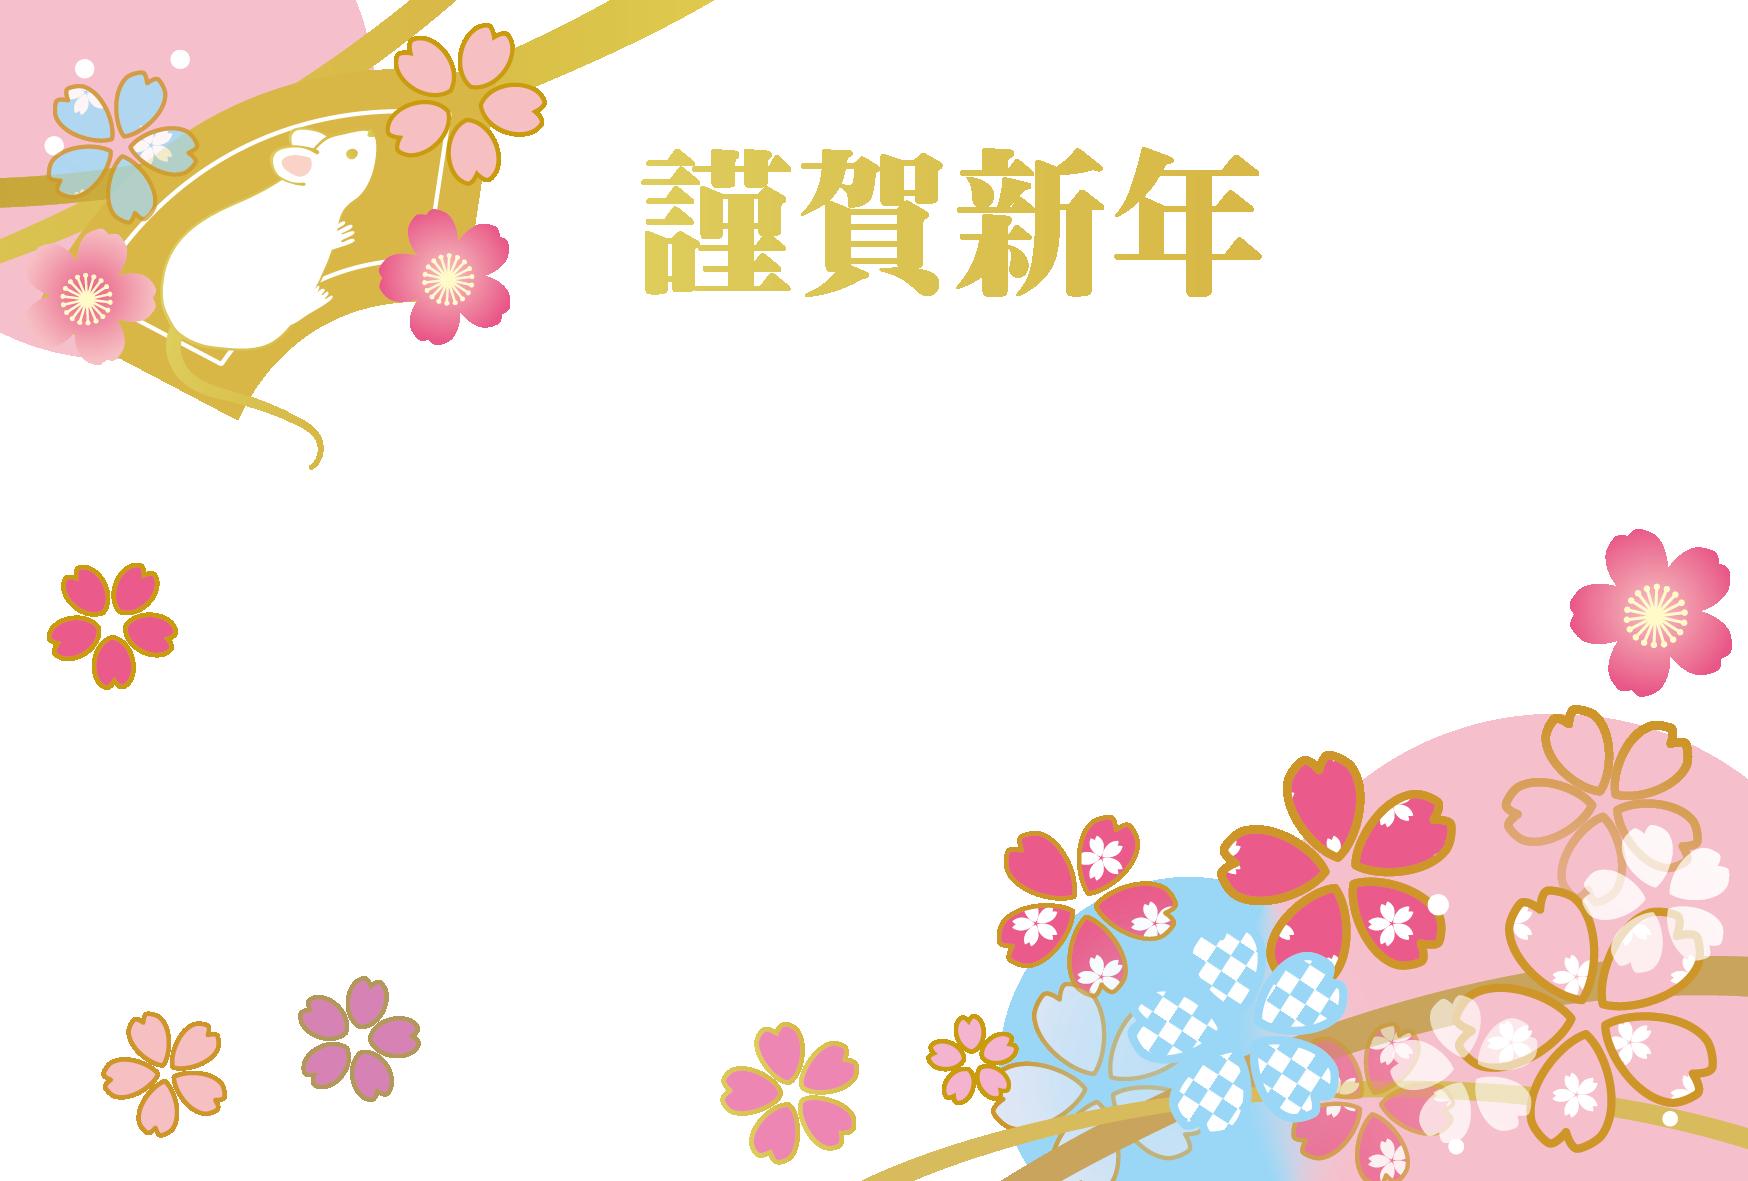 画像・写真を透過!ねずみと豪華な金色を使った桜の花のイラスト年賀状